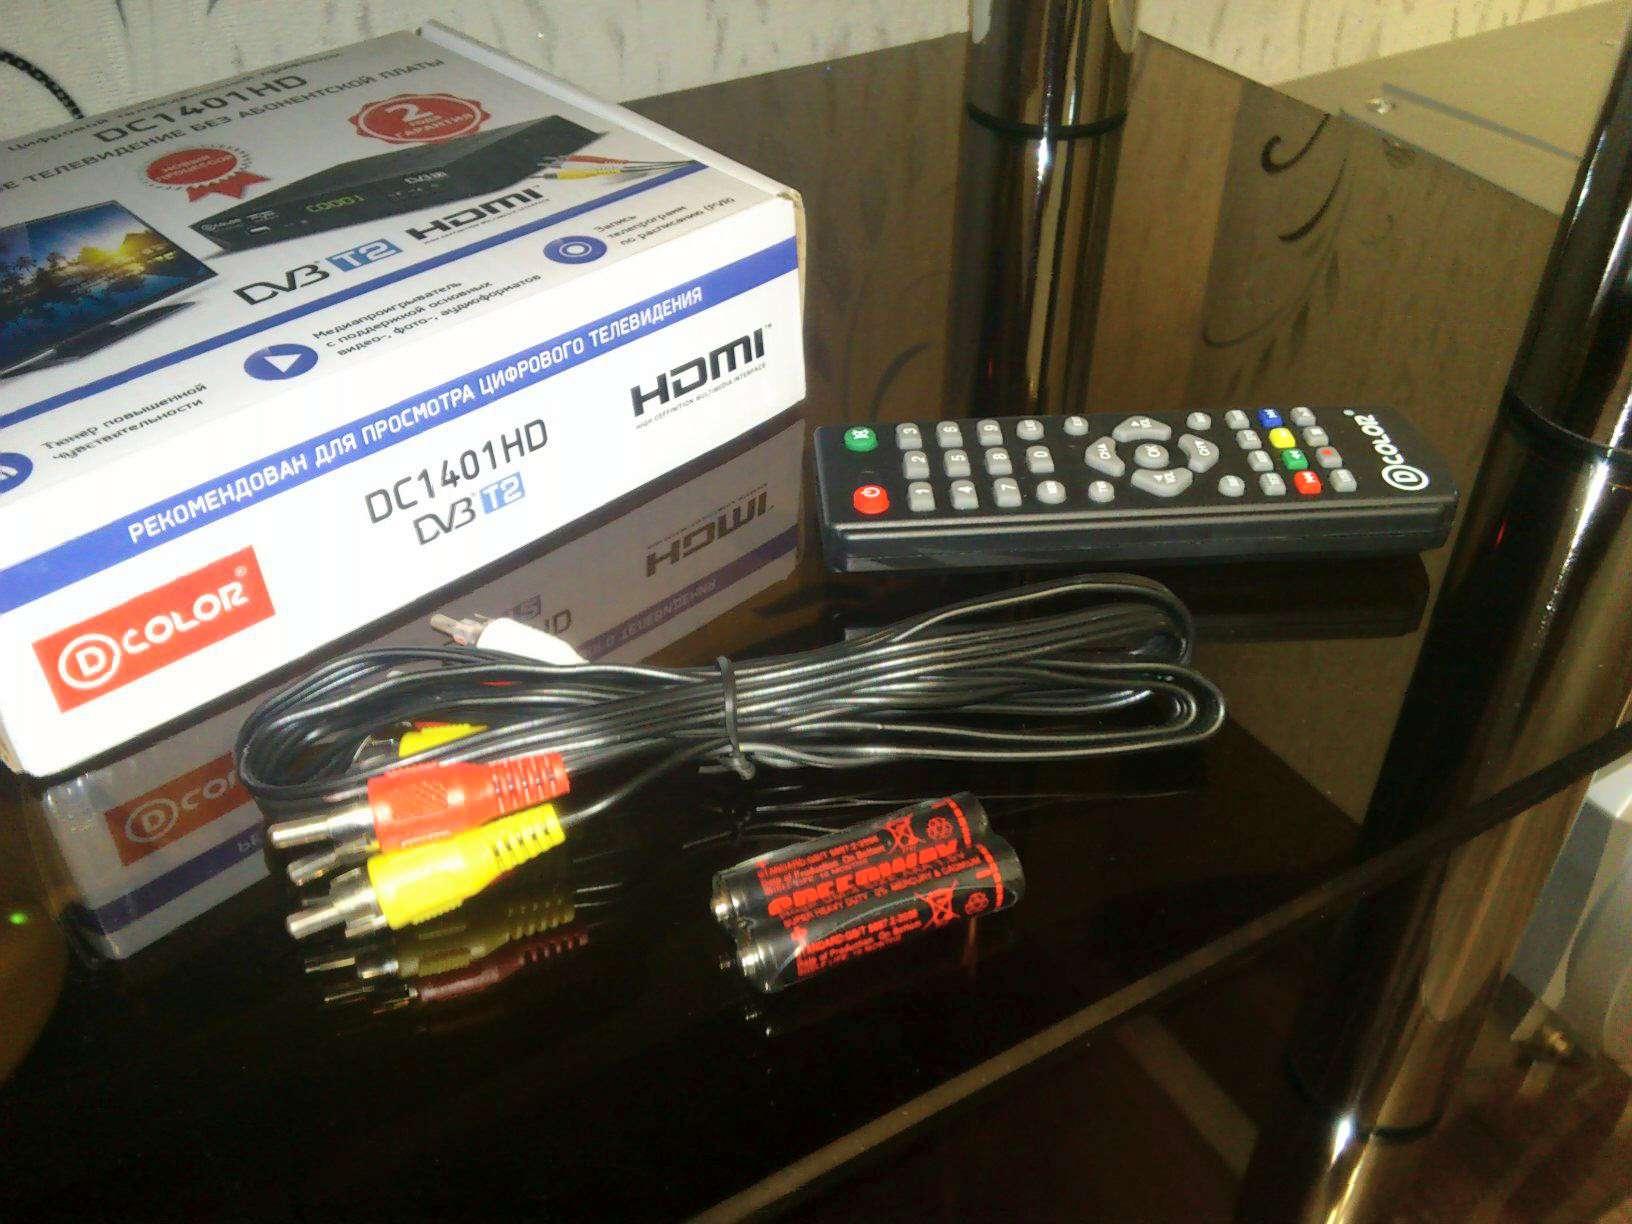 D-Color DVB-T2 DC1501HD Black